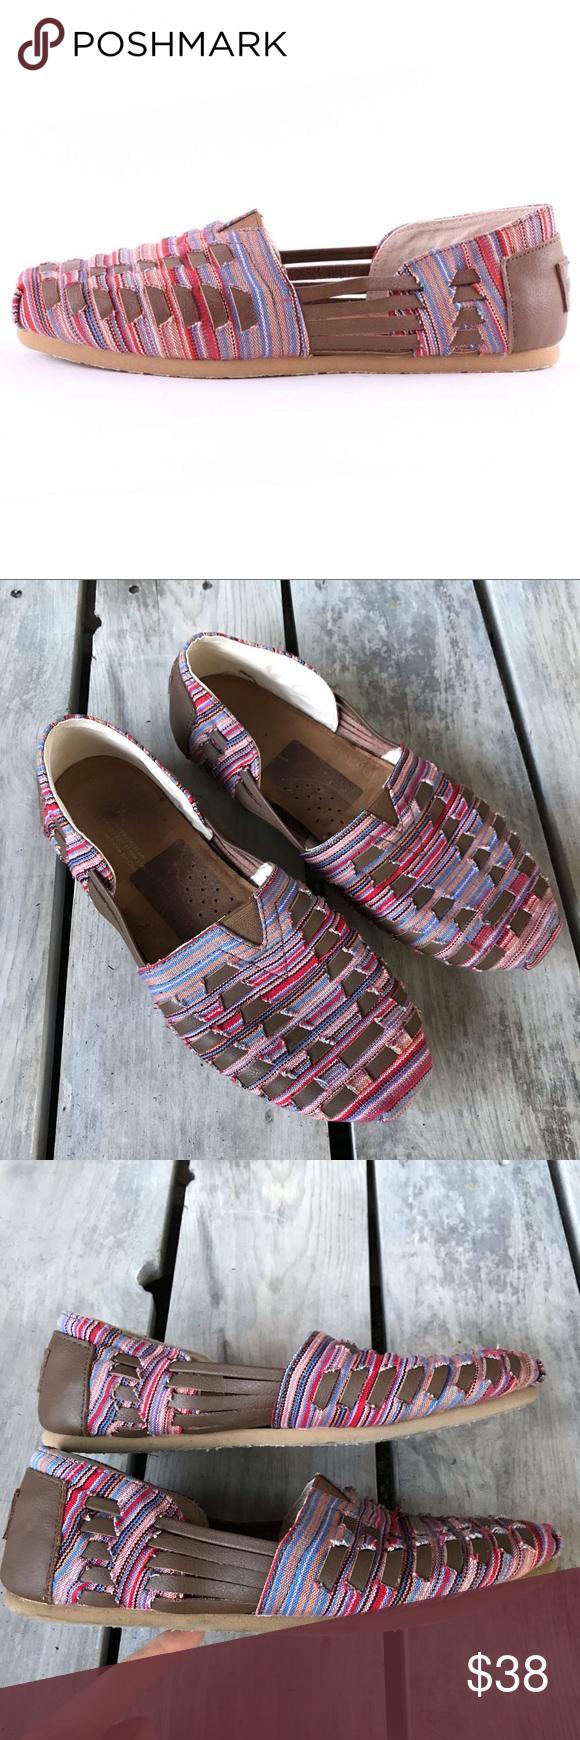 b3062c7048441 TOMS Women s Huarache Alpargata Slip-On Size 9.5 TOMS Women s Huarache  Alpargata Slip-On